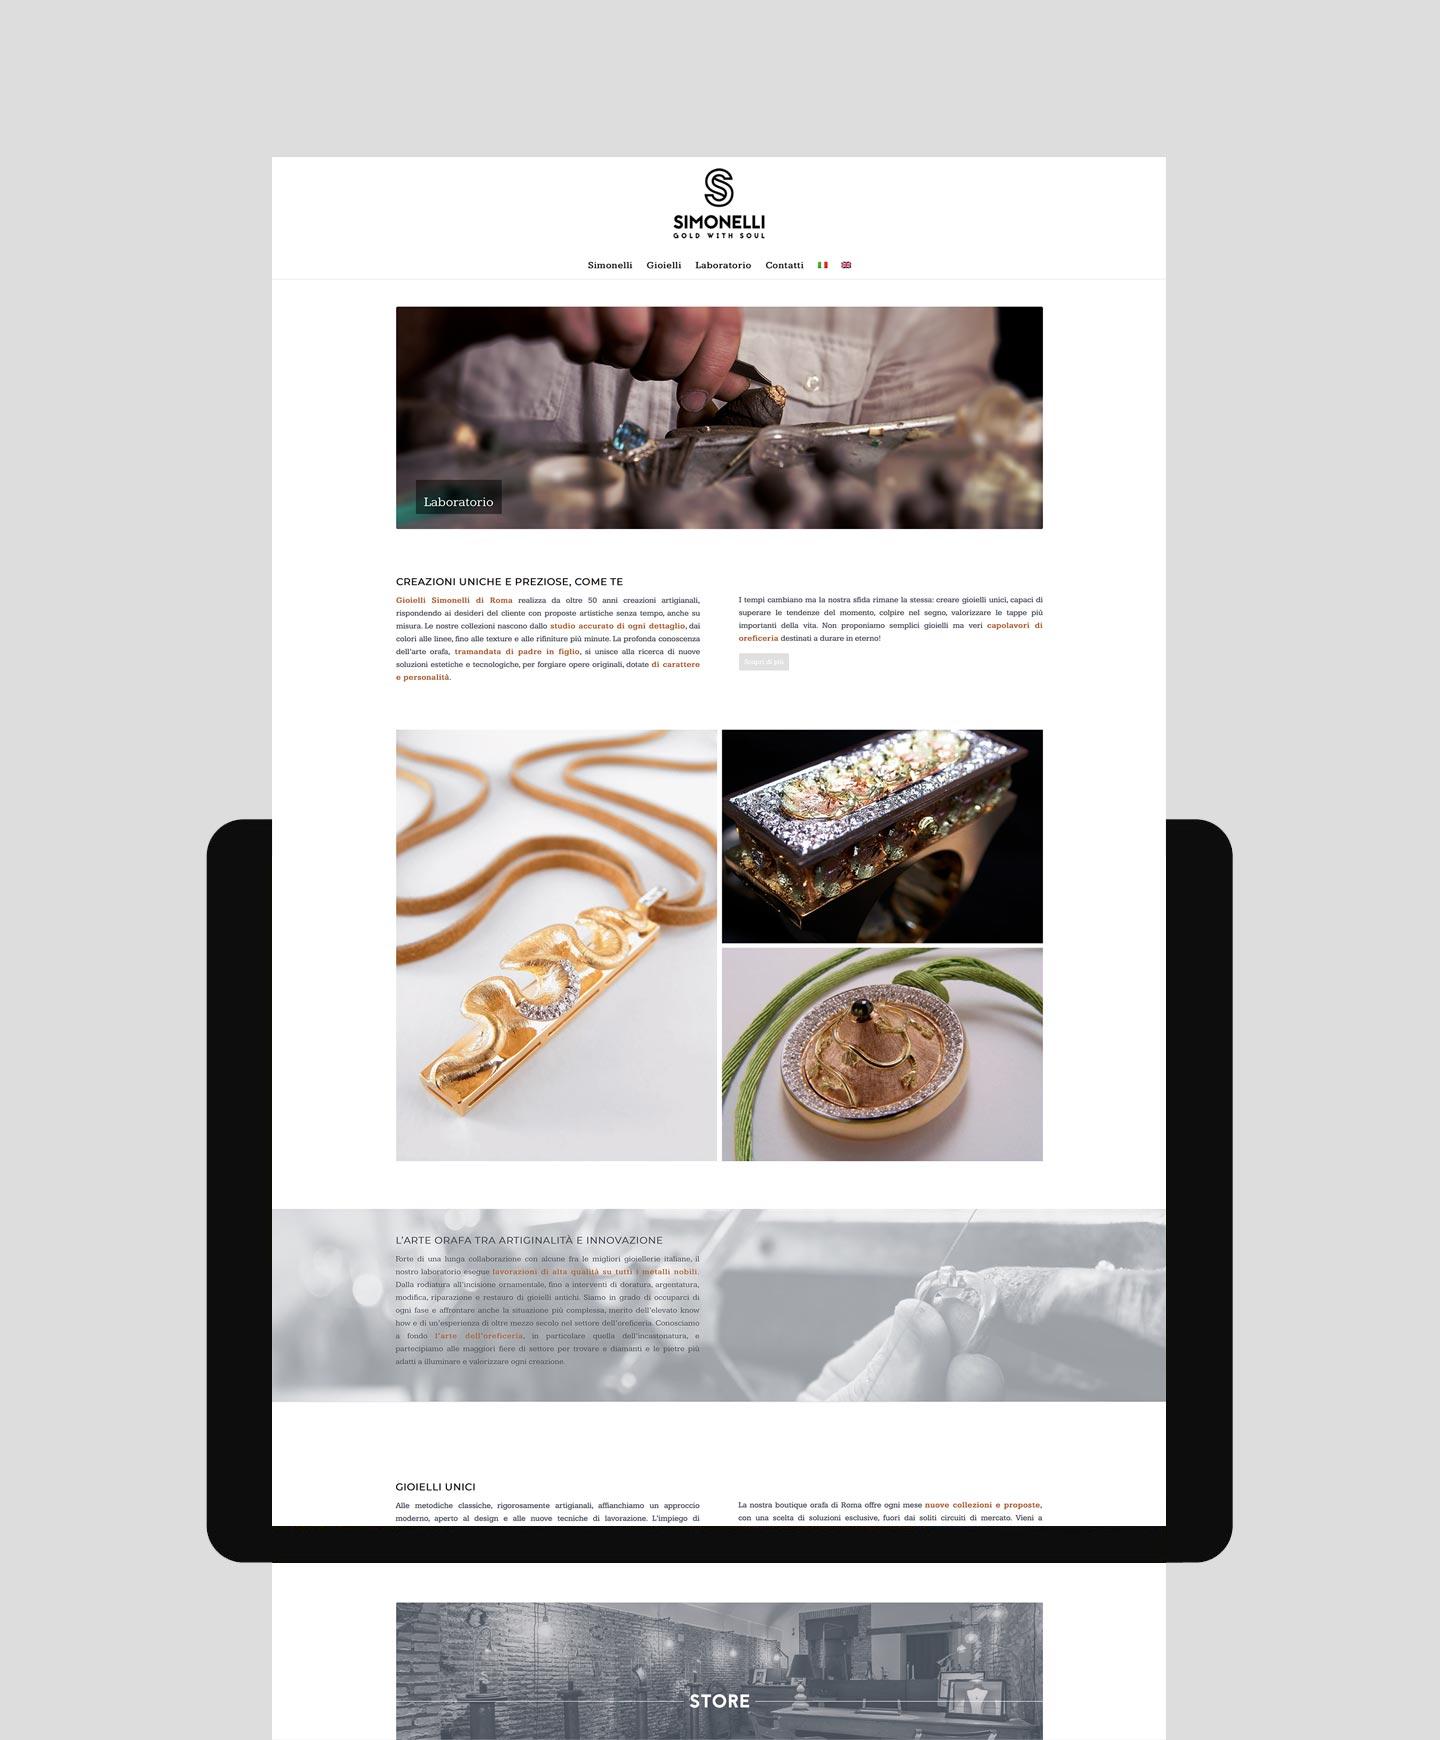 realizzazione sito web per gioielli simonelli